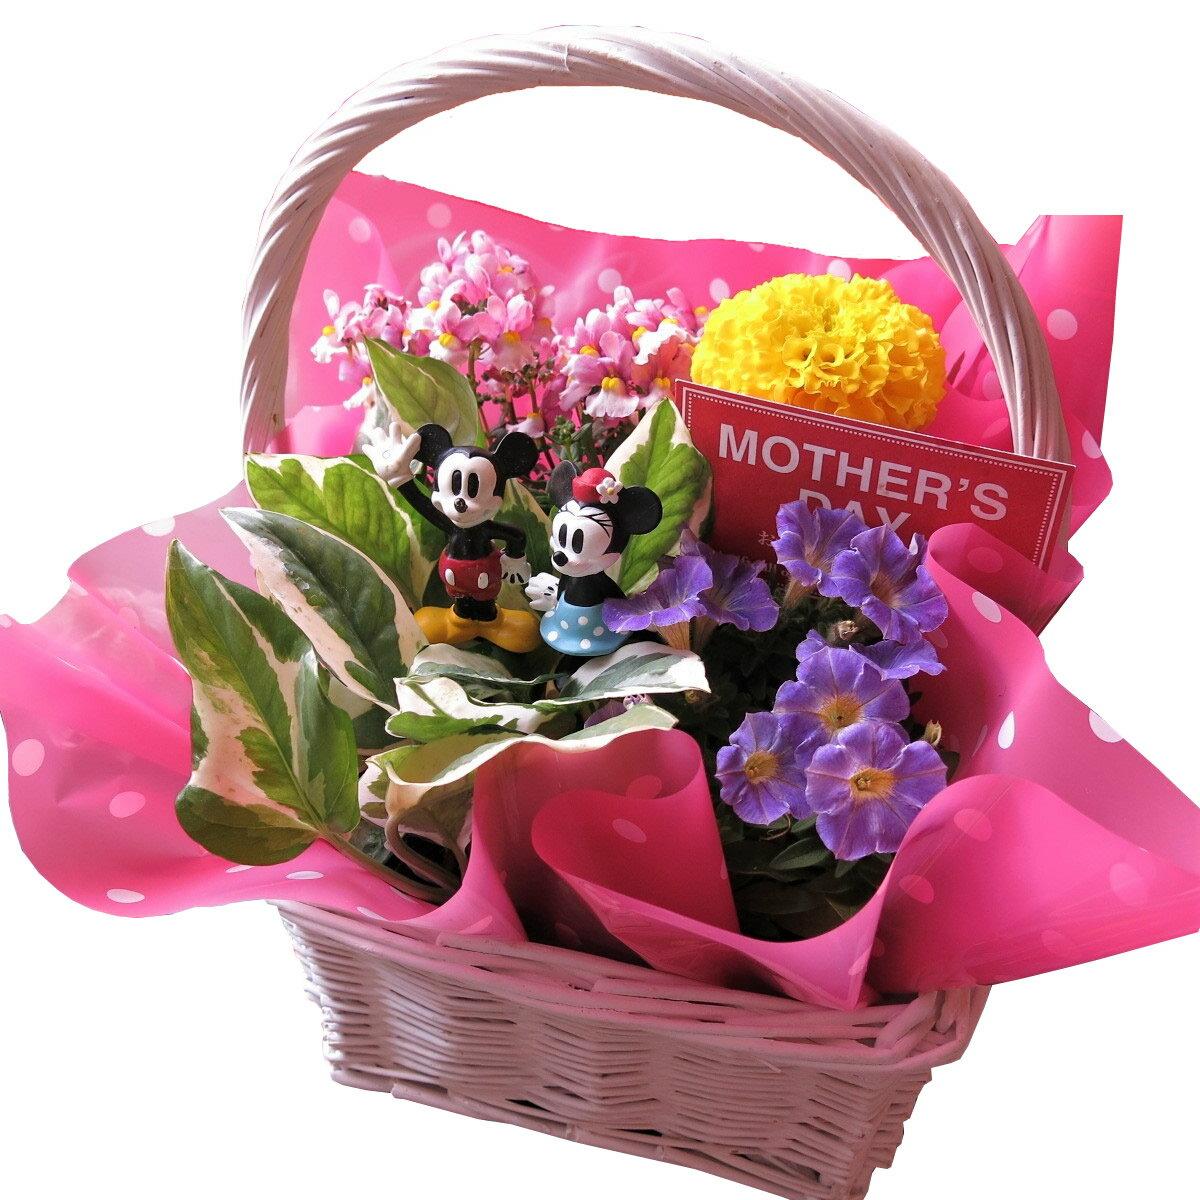 母の日 鉢植え ギフト ディズニー フラワーギフト 季節のお花お任せギフト♪ ミッキーマウス ミニー入り 母の日 花鉢 プレゼント